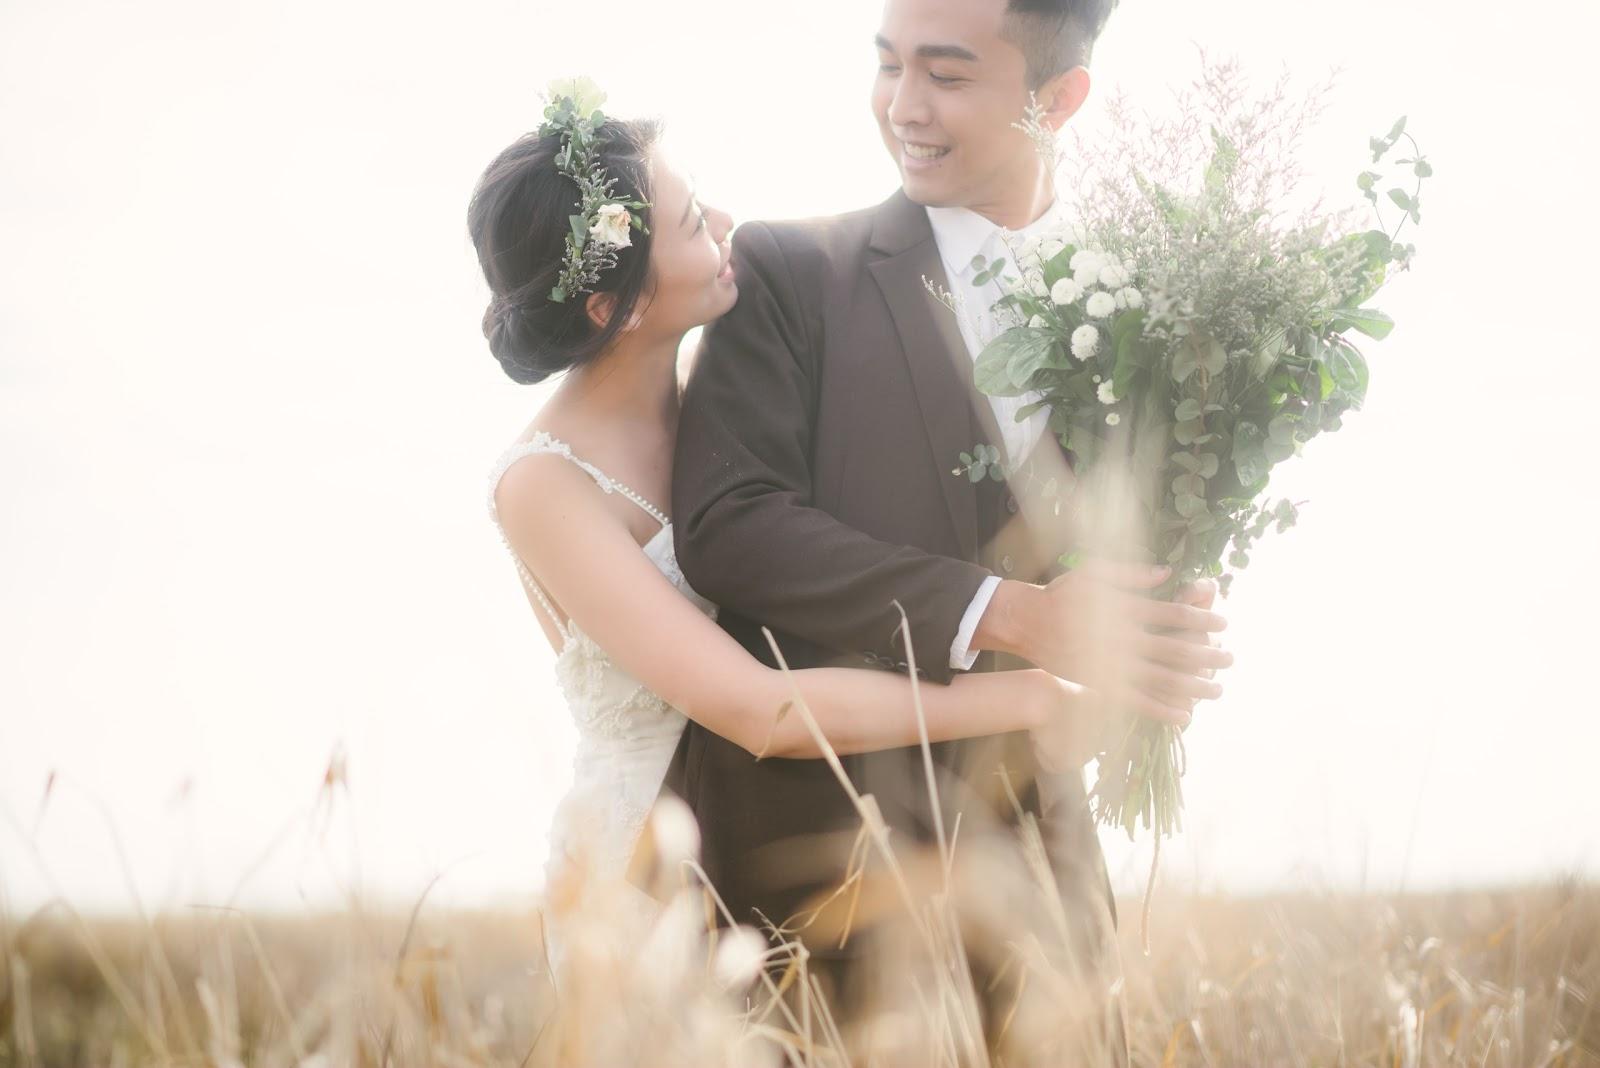 「婚紗攝影」台中婚紗 墾丁婚紗 Pre-wedding 自主婚紗 海外婚紗 H&L